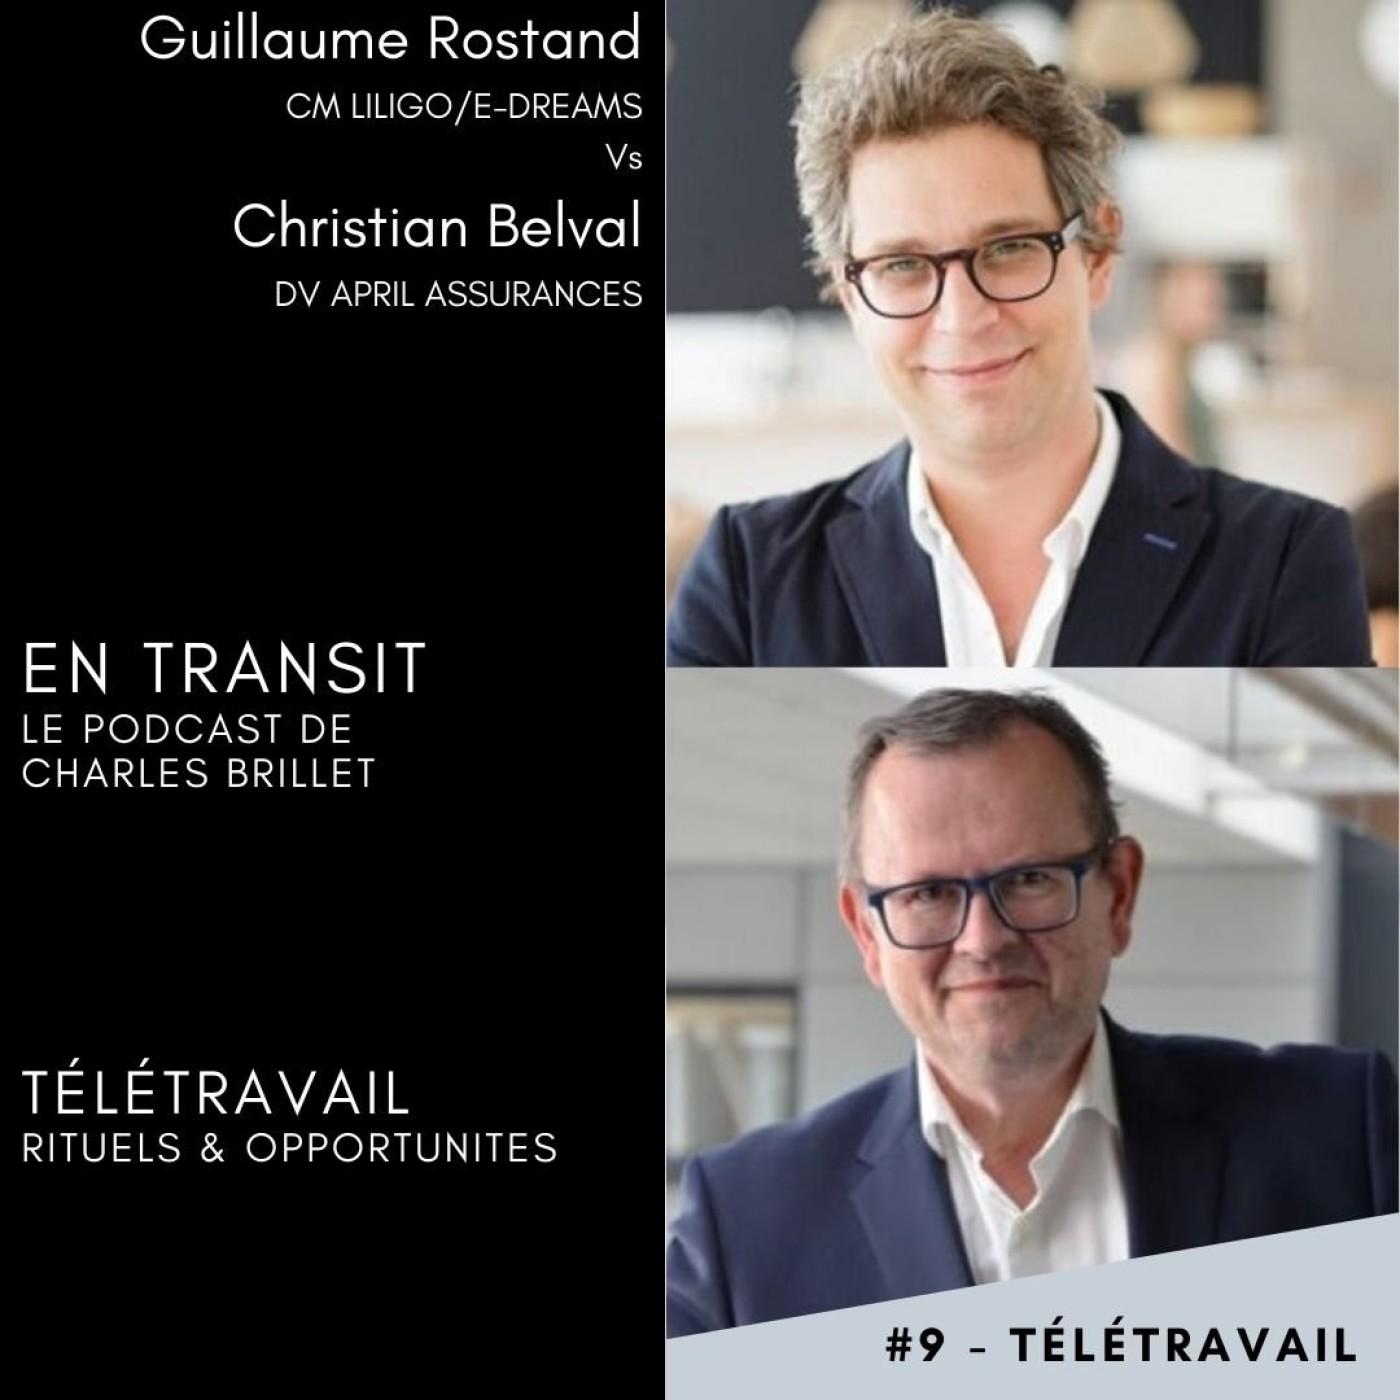 #9 - HS COVID19 - Télétravail Rituels et opportunités - G.Rostand et C.Belval - Barcelone Lyon